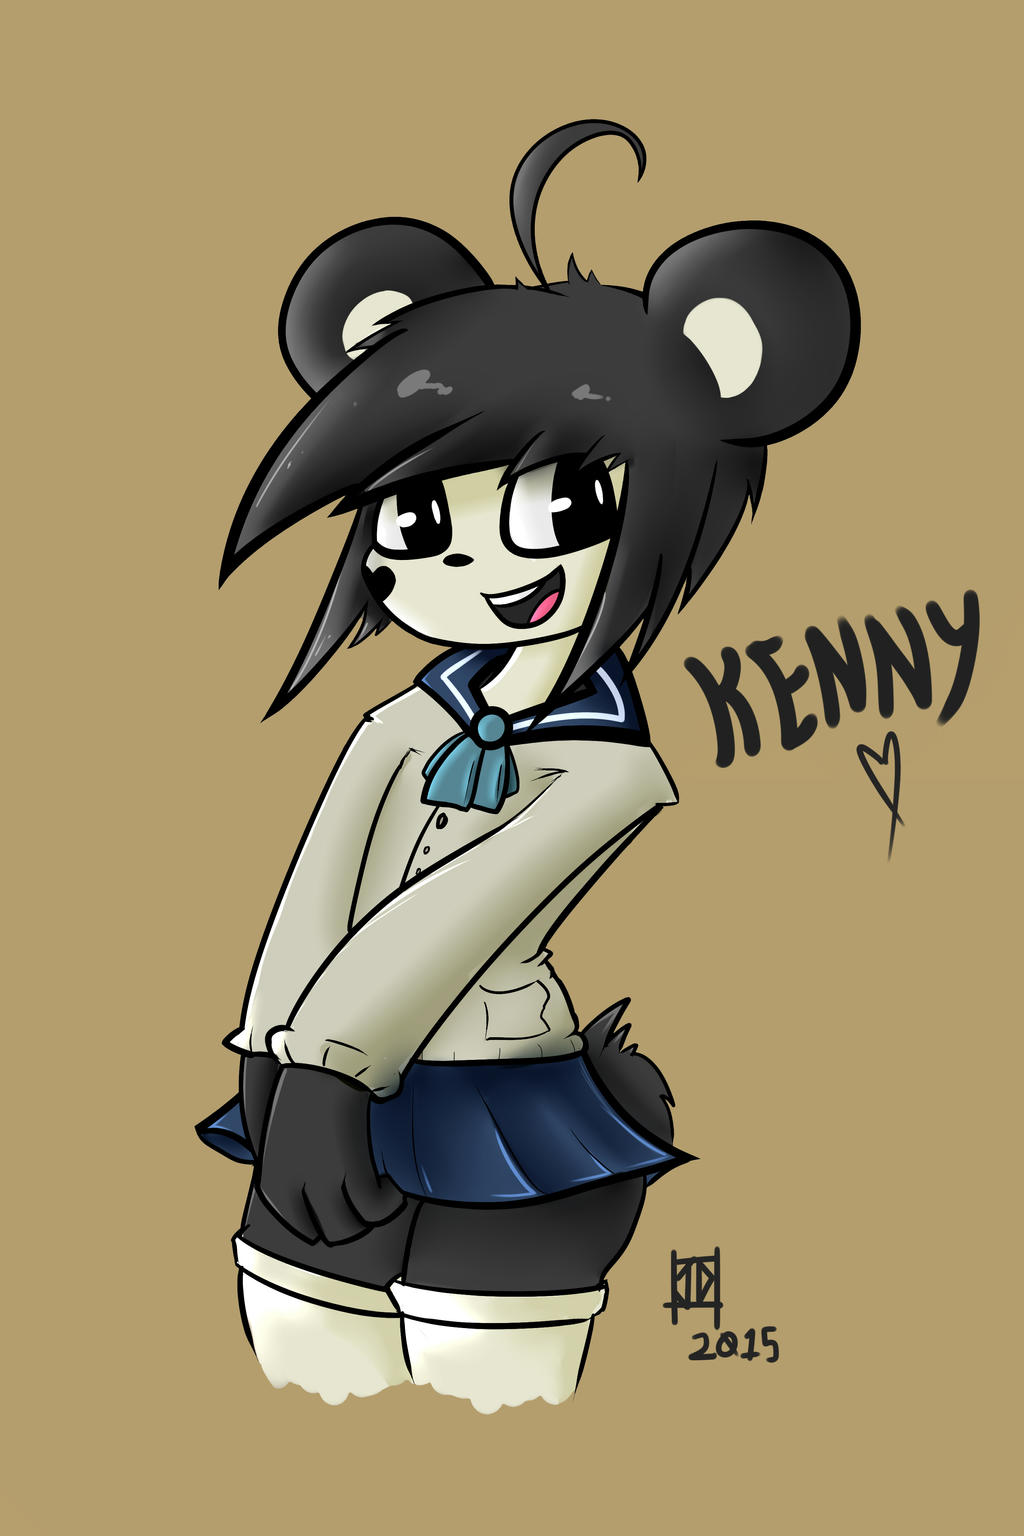 kenny_fan_art_by_montymek-d8jp6gp.jpg